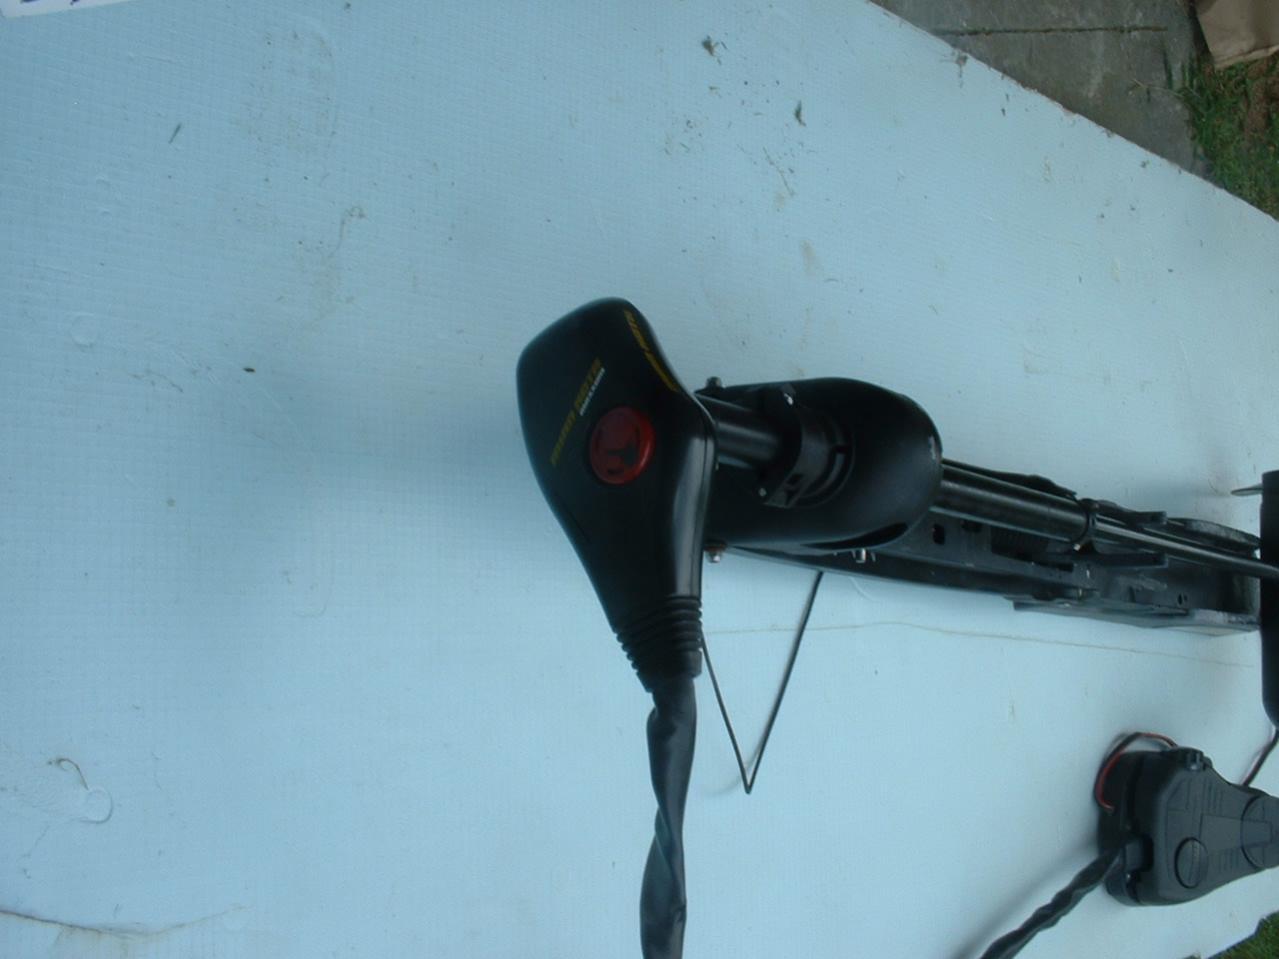 Minn Kota, 36 volt, bow mount 60